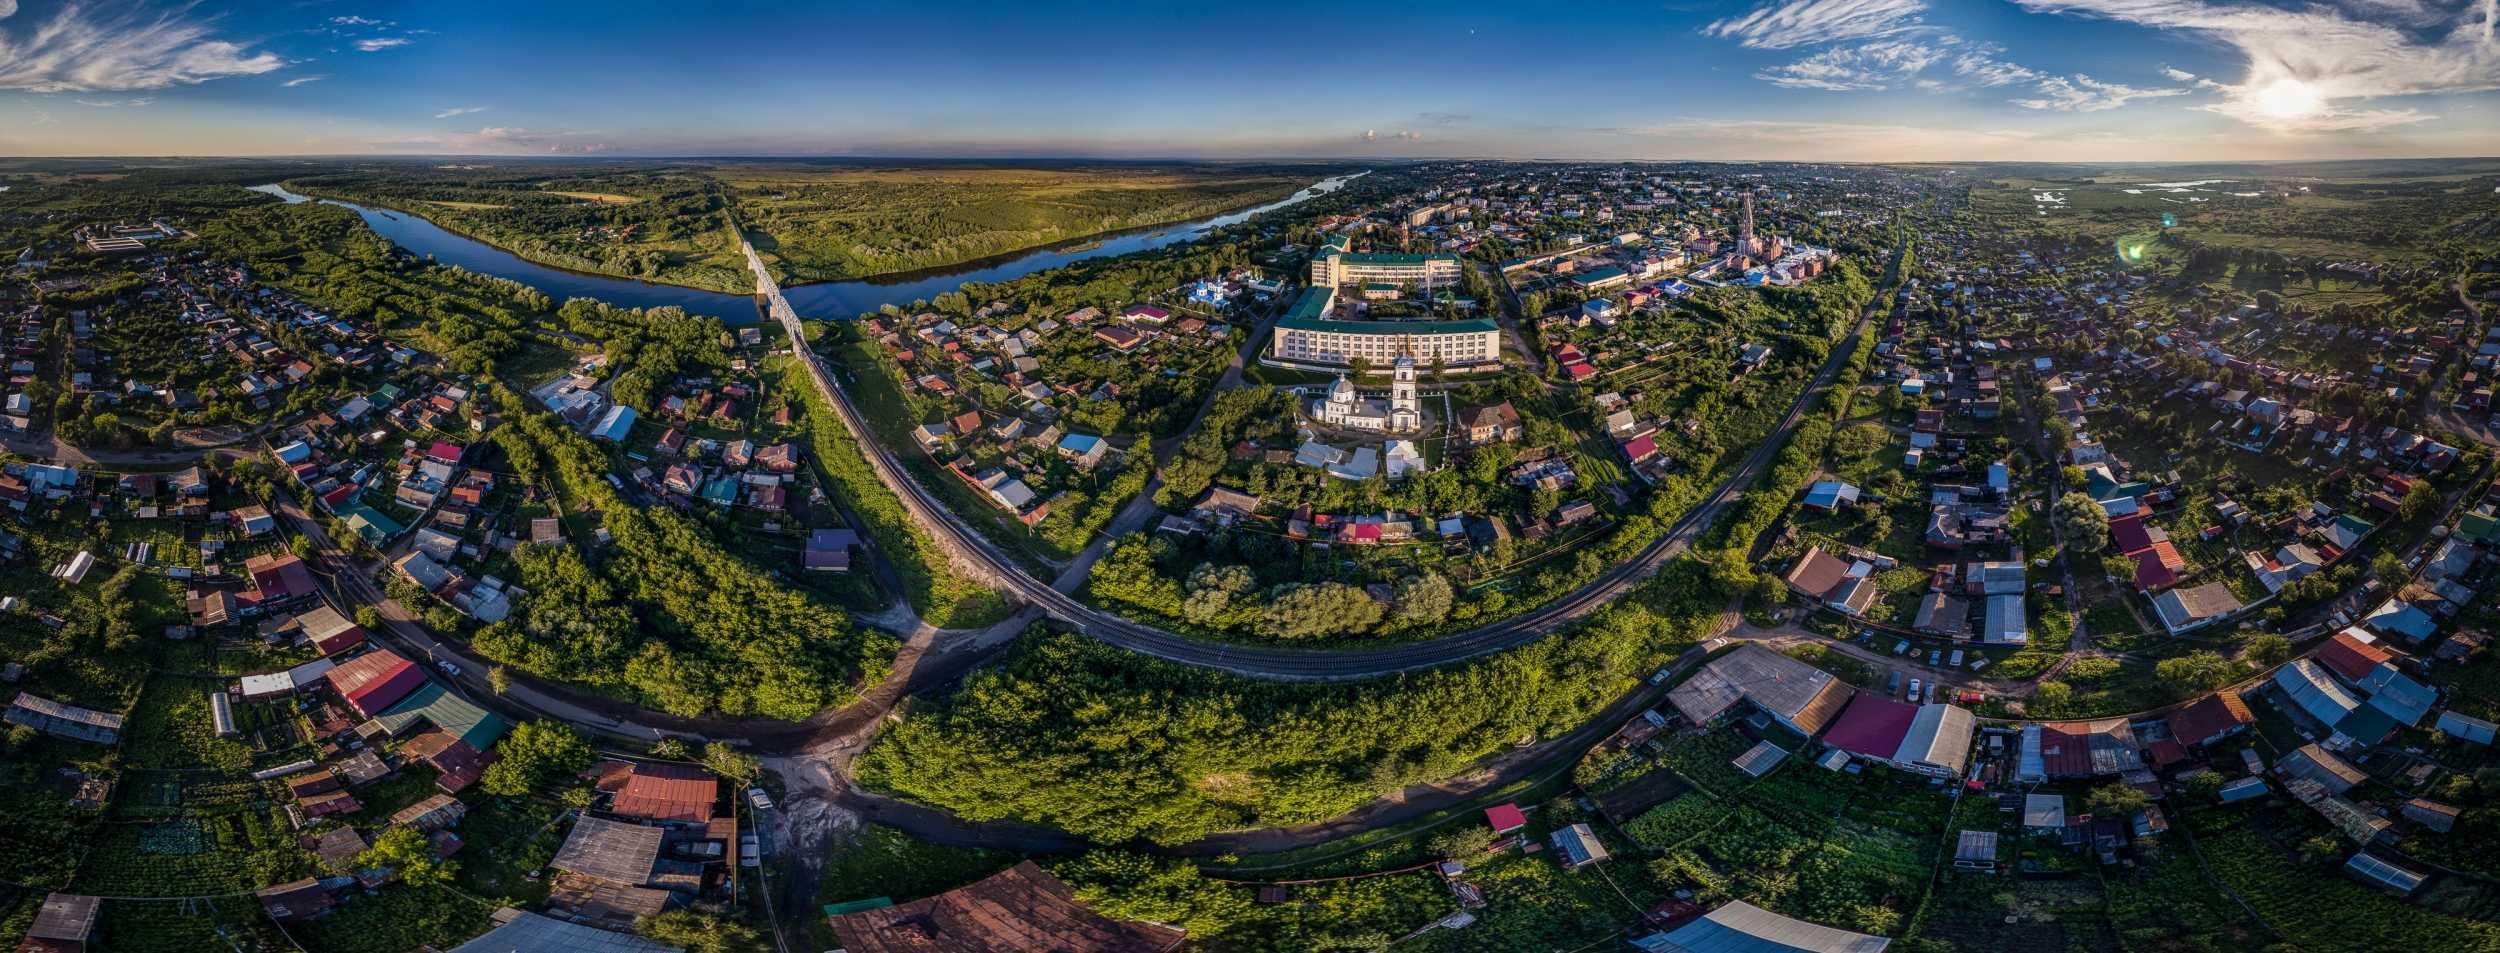 Панорама города Алатырь